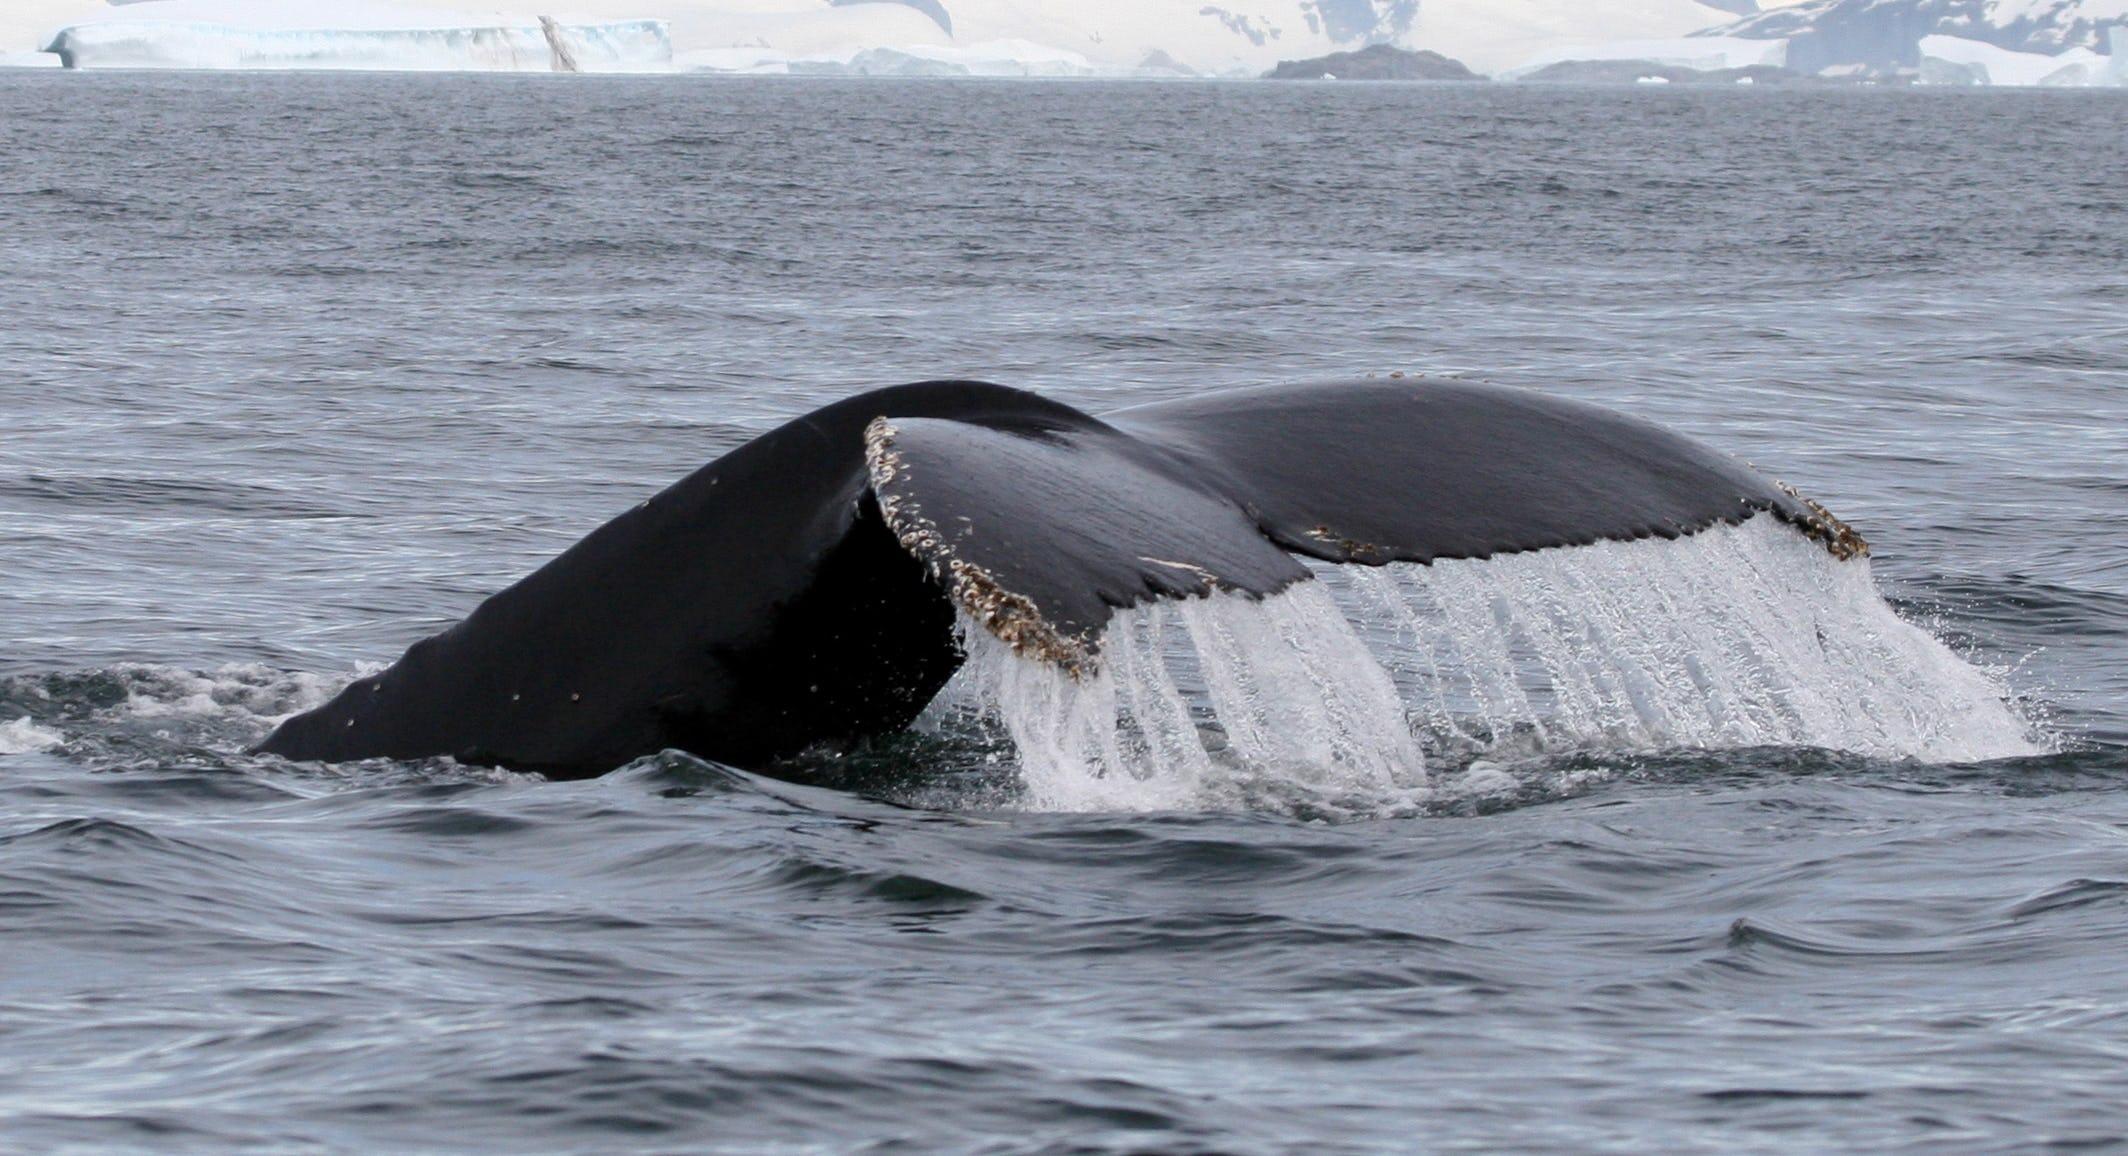 Observez les baleines en Islande lors de cette sortie baleines dans le fjord Breiðafjörður sur la péninsule de Snaefellsnes